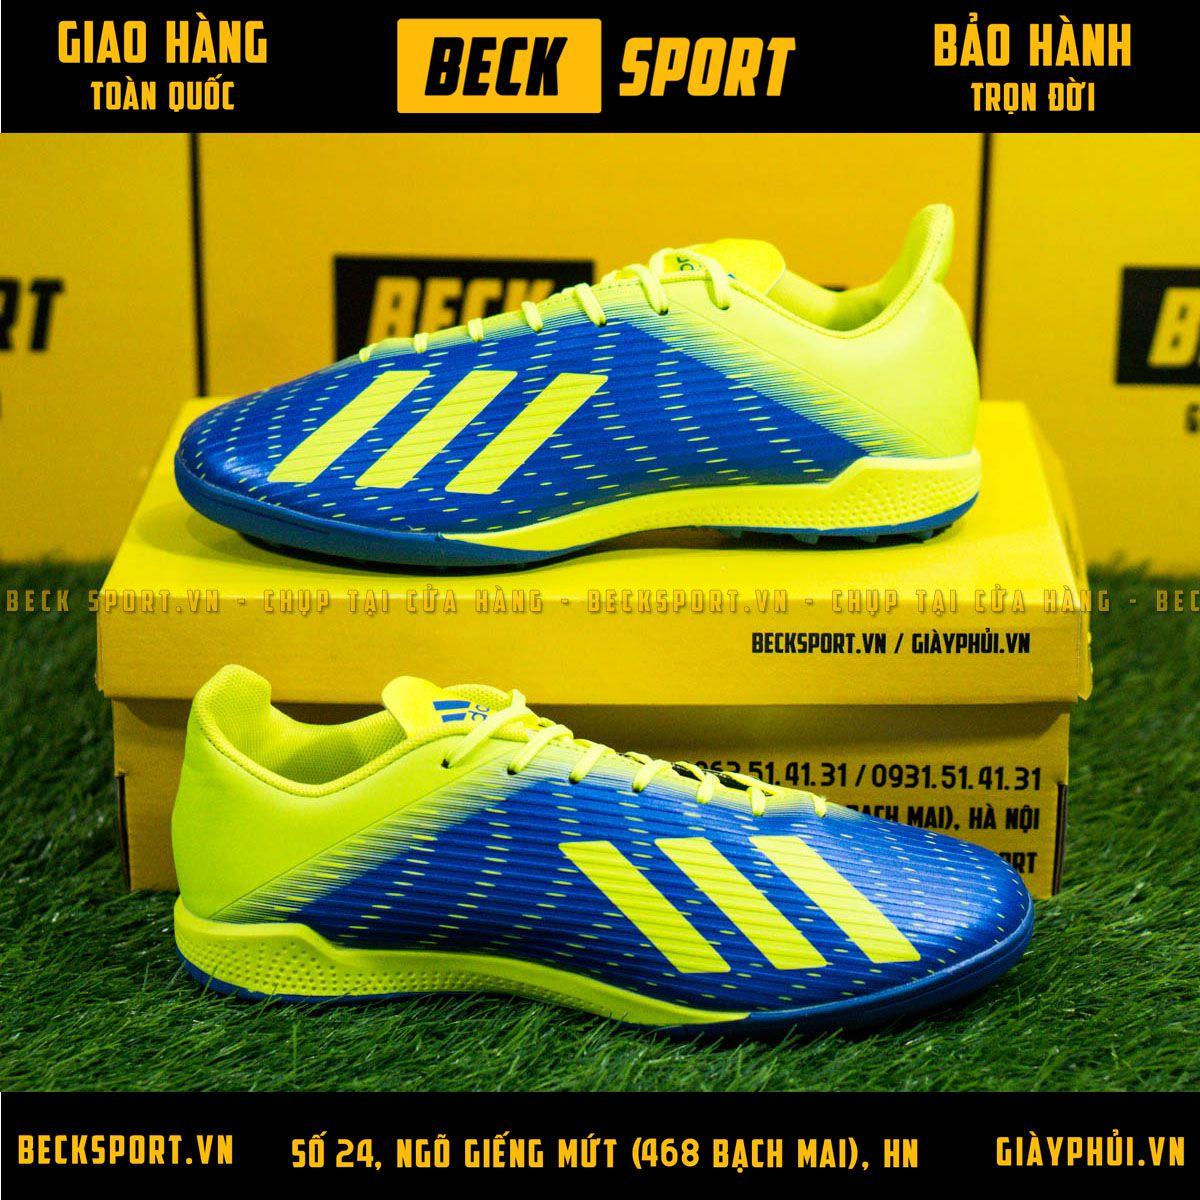 Giày Bóng Đá Adidas X 19.3 Xanh Biển Vạch Chuối Gót Chuối V3 TF